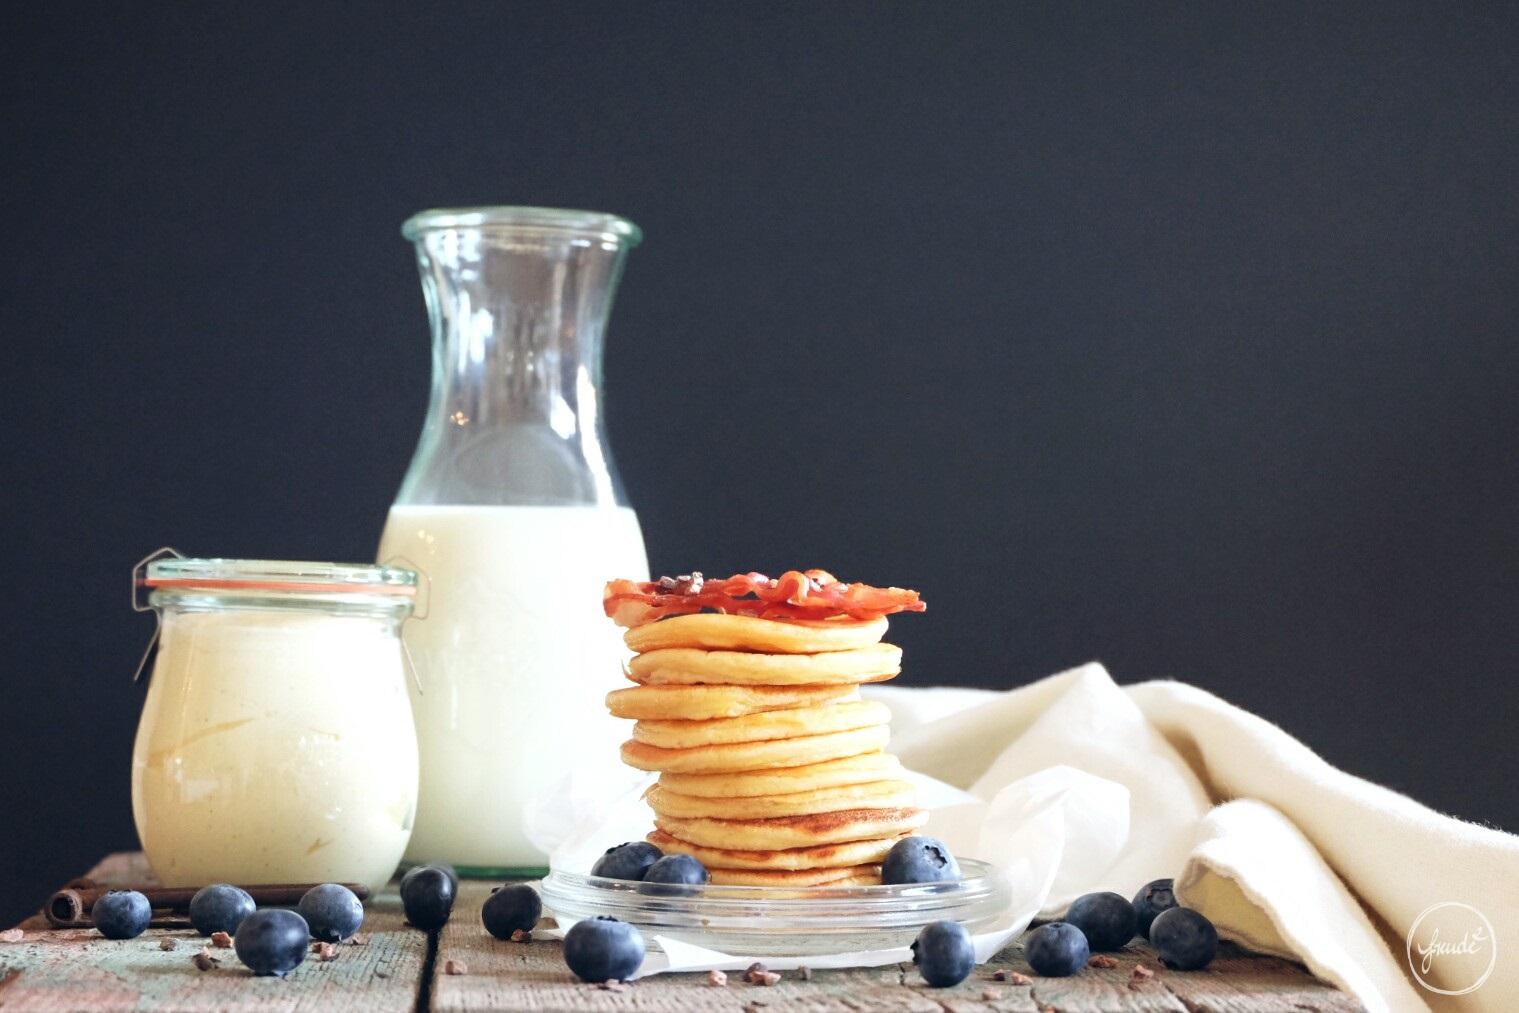 FRÜHSTÜCKS LIEBLING - herrlich fluffige Pancakes